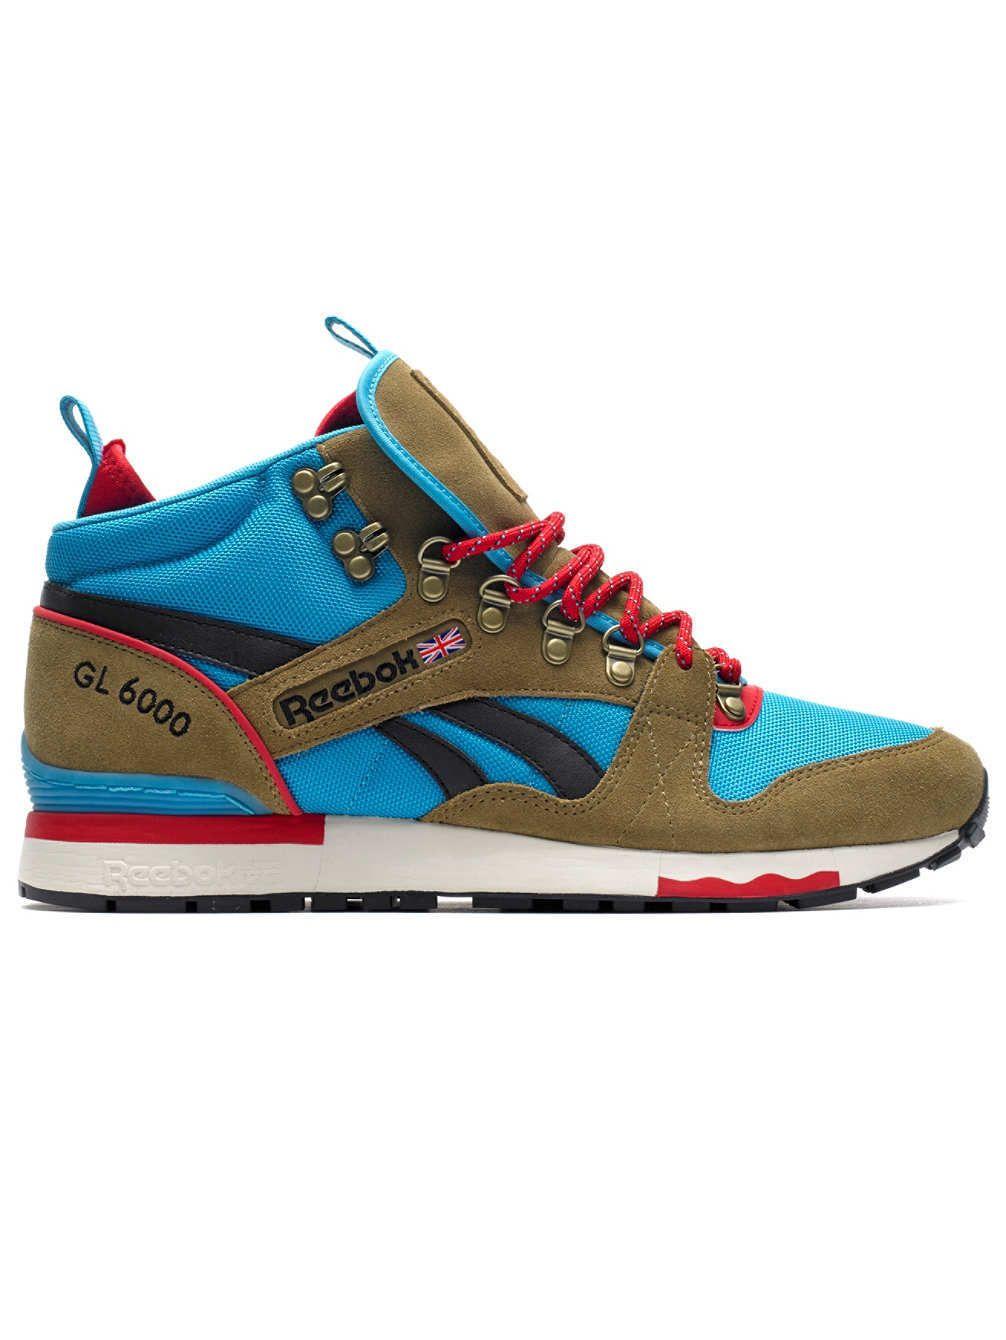 Bijzondere Reebok GL 6000 Mid Sneakers Deze Reebok GL 6000 Mid Sneakers zijn nu voor 119.95 verkrijgbaar. Mooie en stijlvolle sneakers van Reebok. De GL 6000 Mid Sneakers worden aangeboden door Blue Tomato.